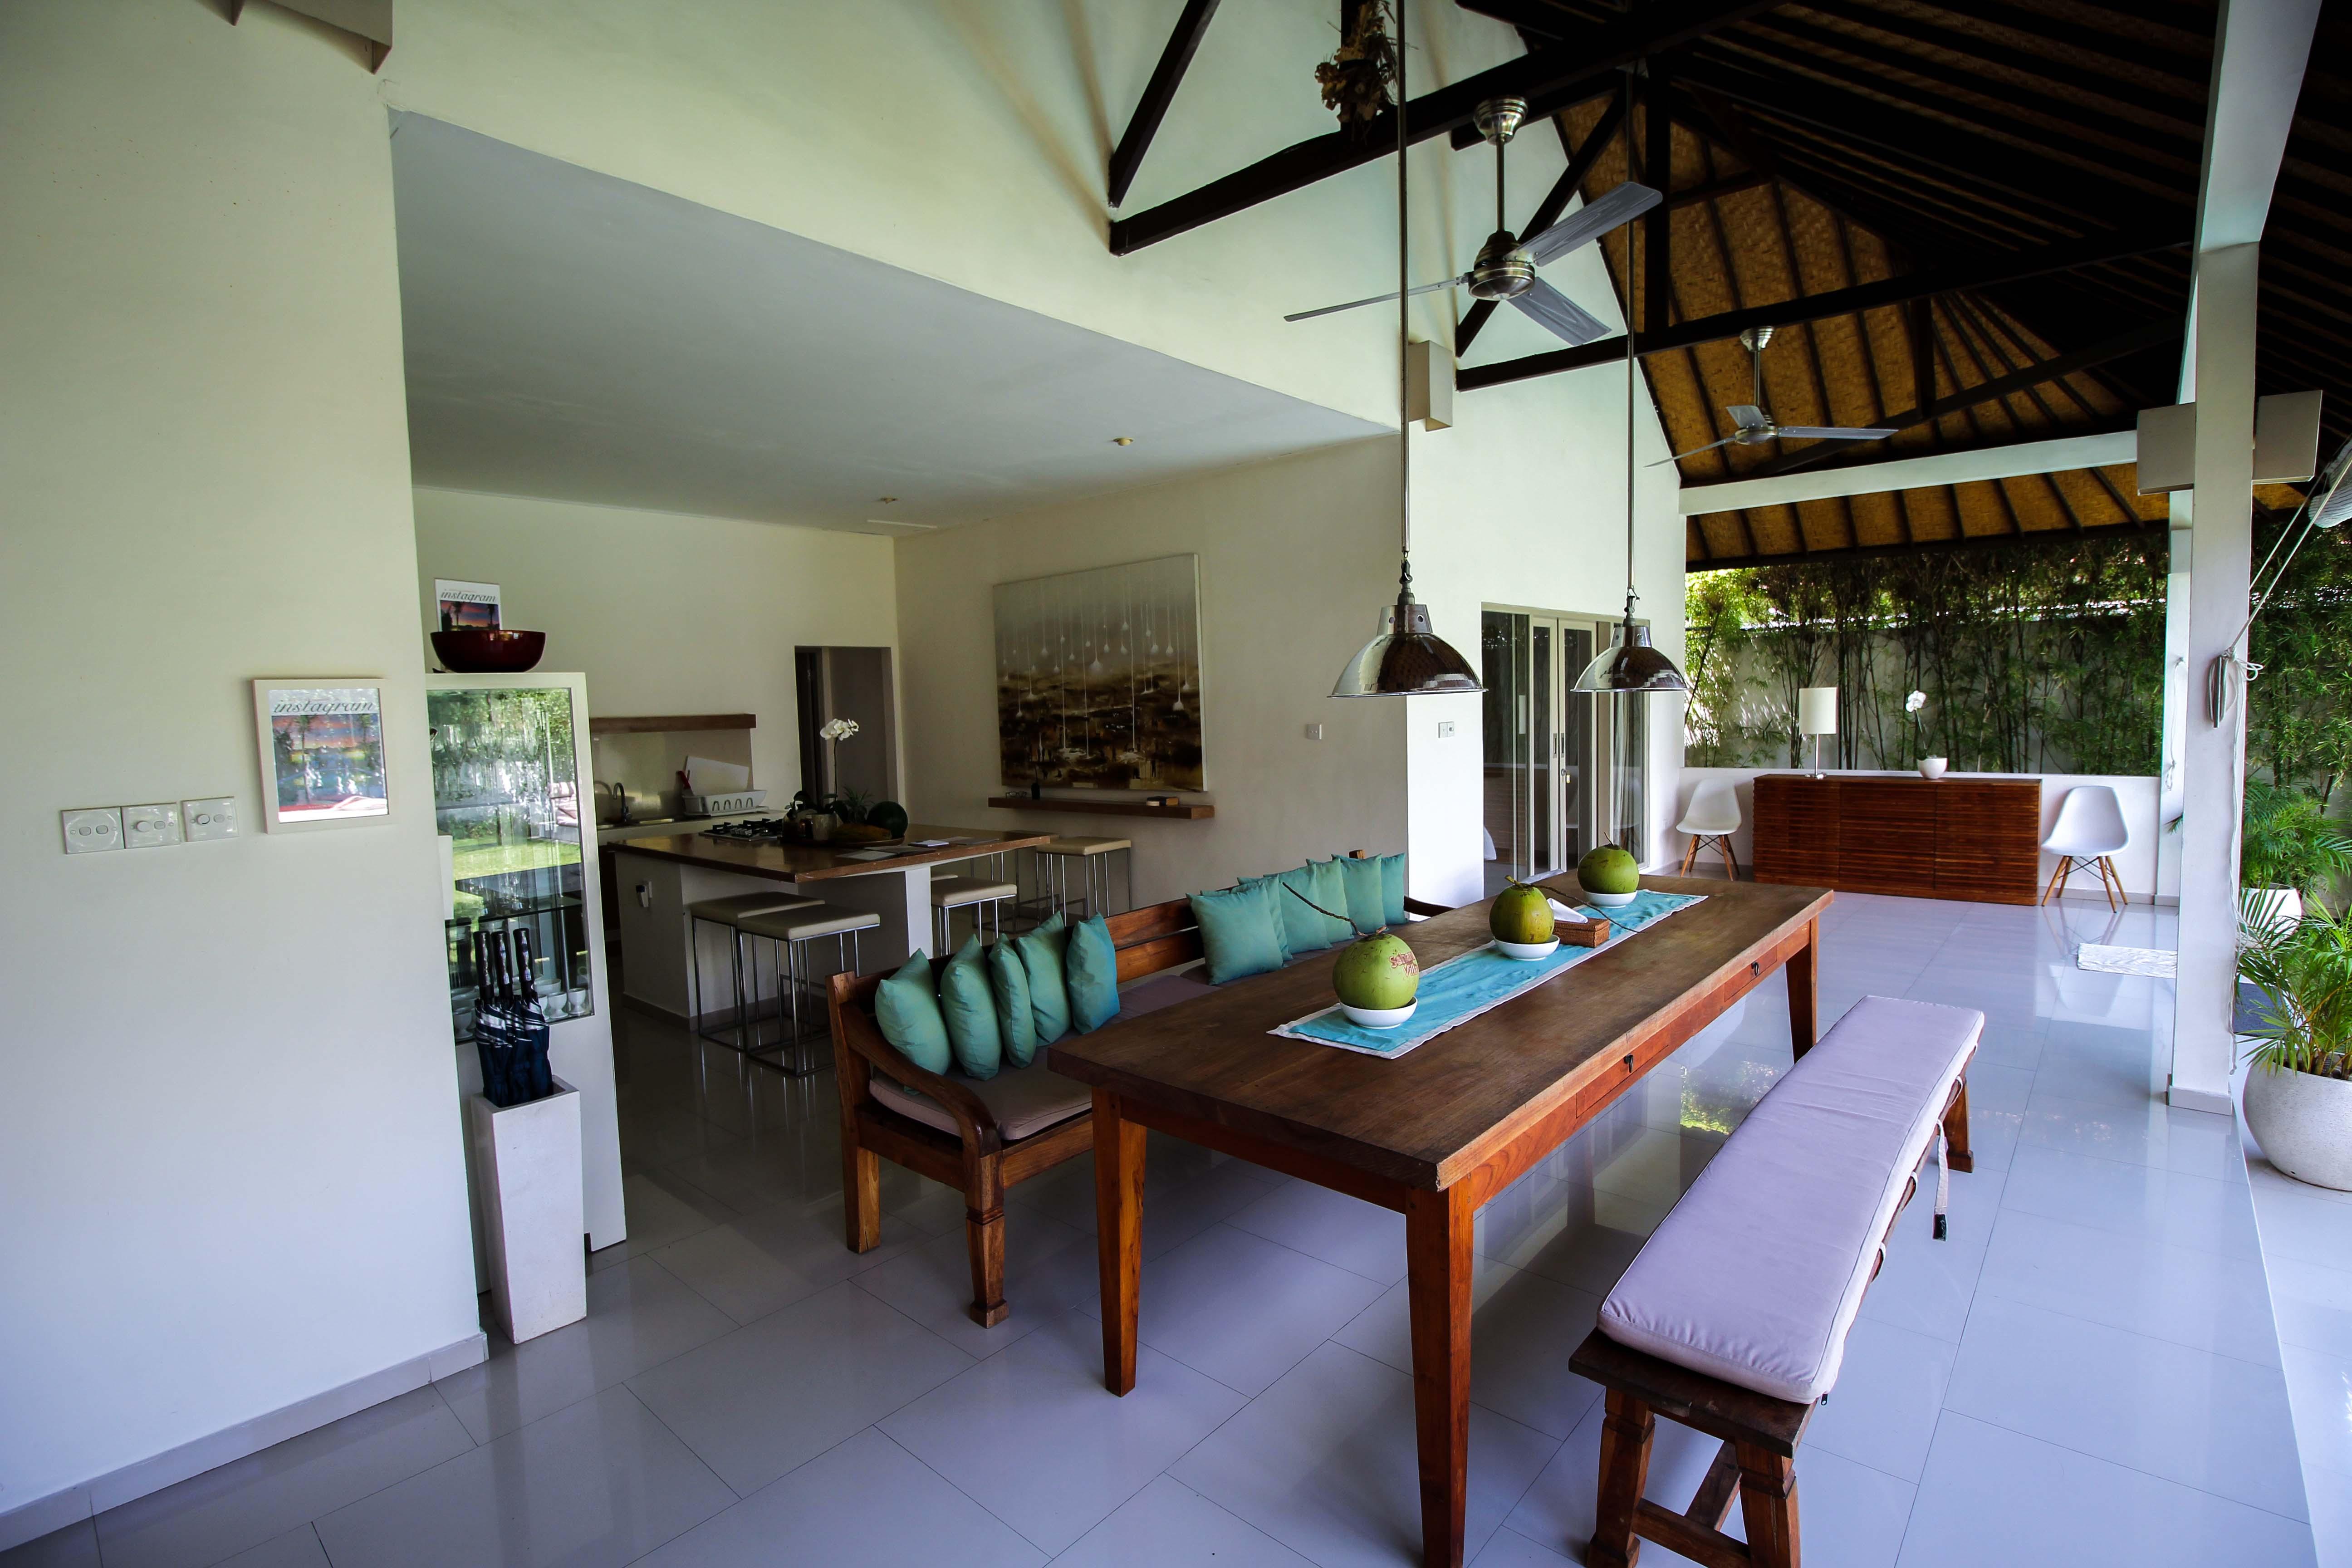 Sahana Villas Seminyak Poolvilla 3 Bedroom Seminyak Bali Luxusvilla mieten Wohnzimmer Reiseblogger